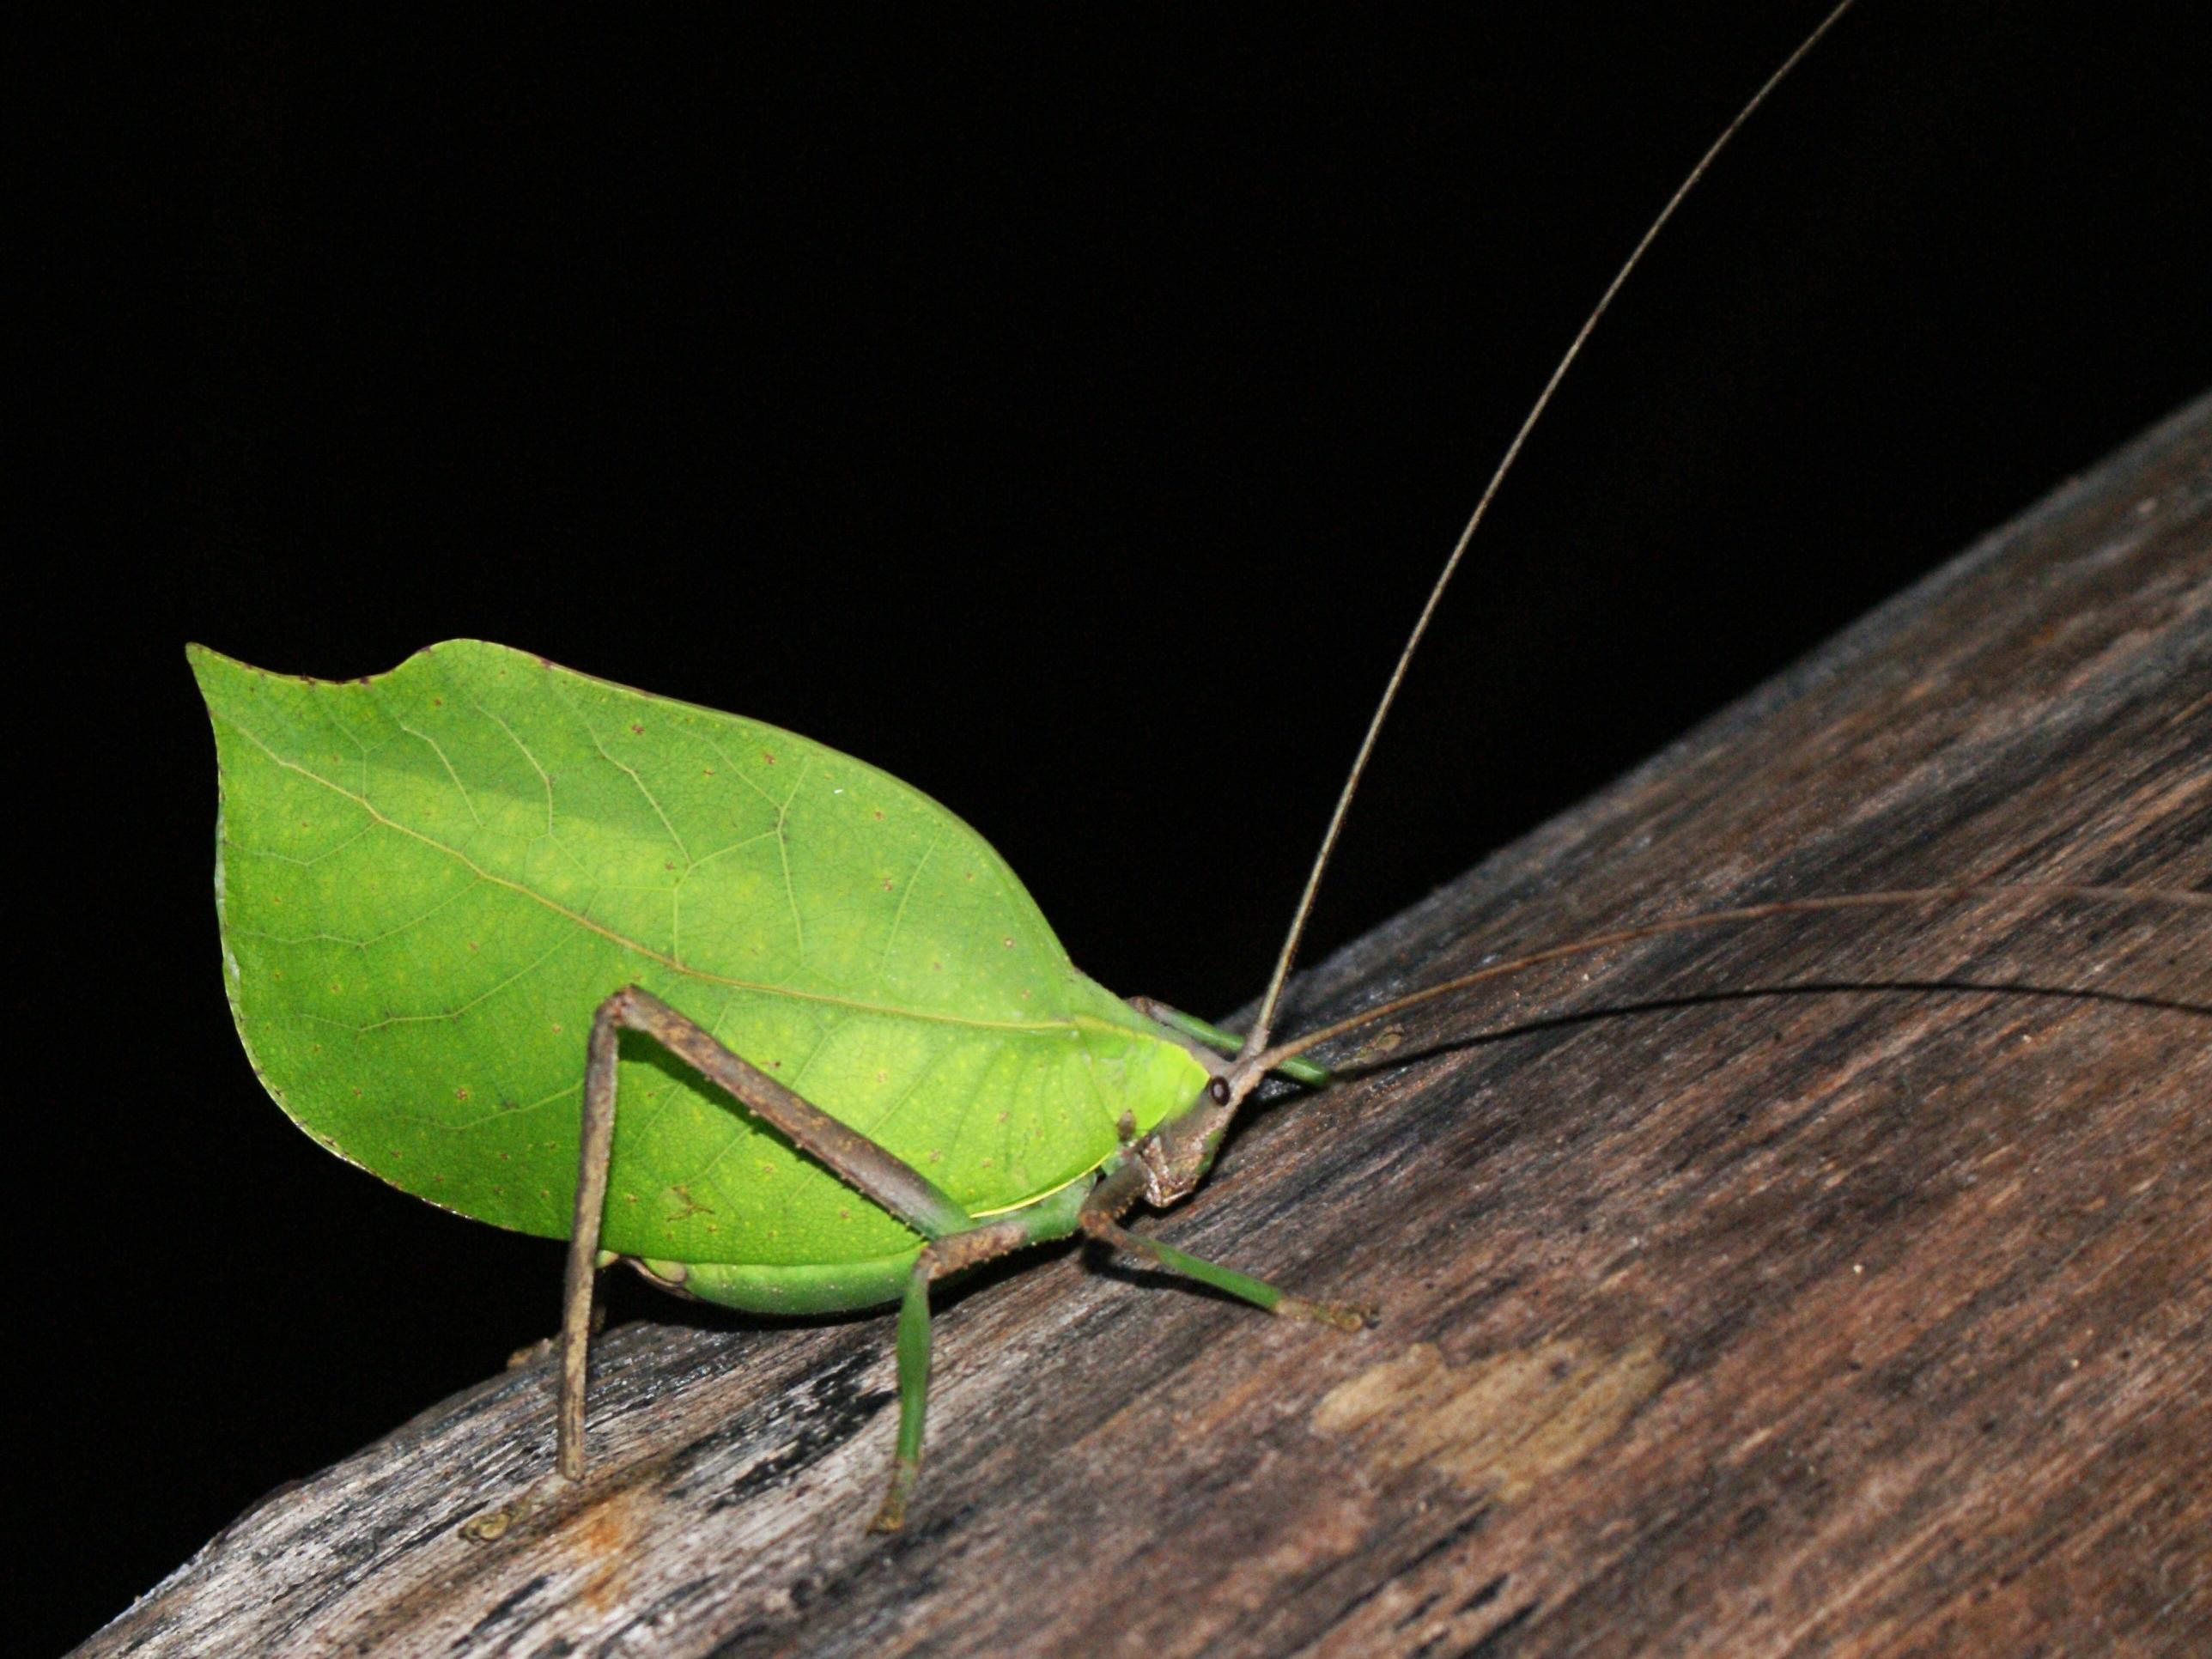 File:Peruvian Leaf Katydid.jpg